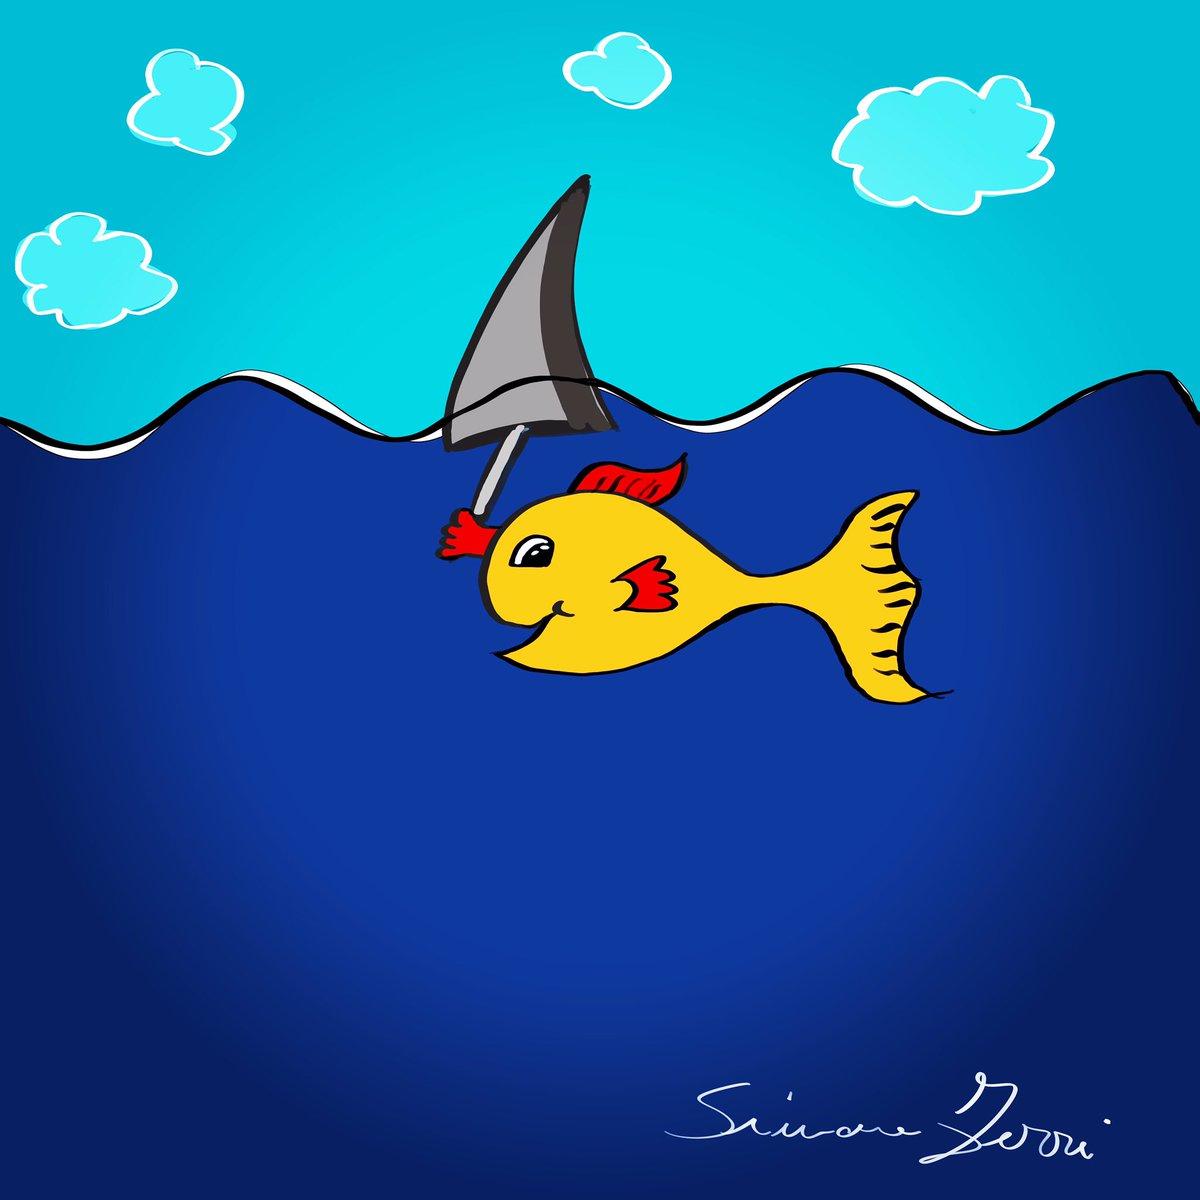 #loveandpaltrythings #fish #shark #sea #blue https://t.co/jsvsNJ41fH